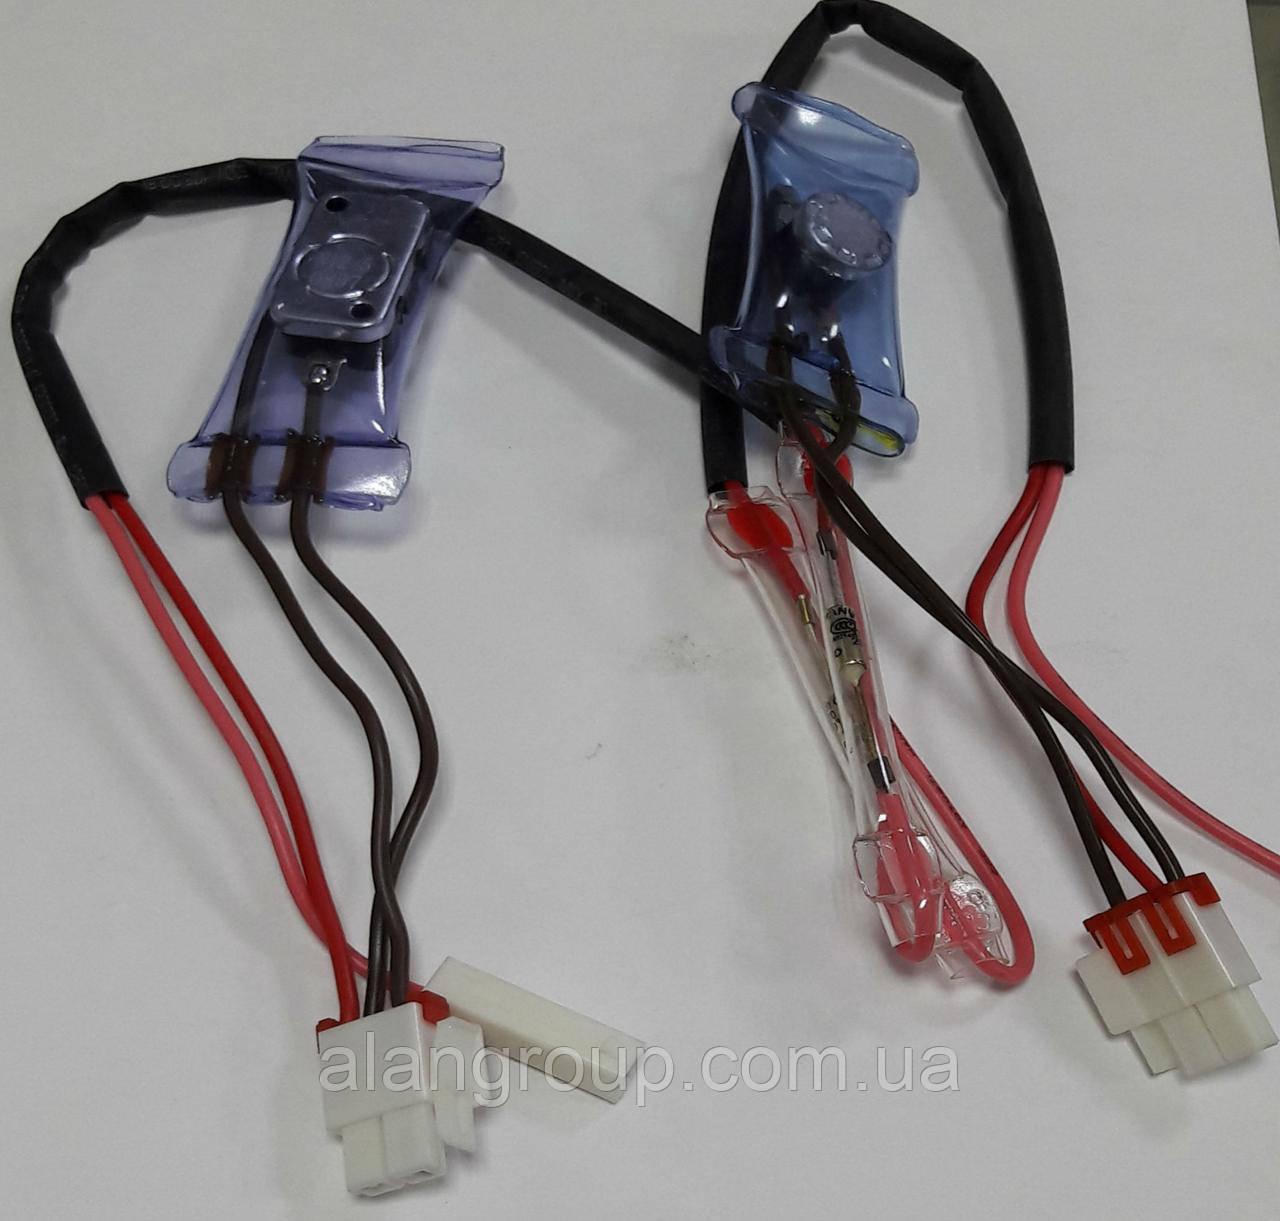 Термореле с плавким предохранителем Samsung SC 040